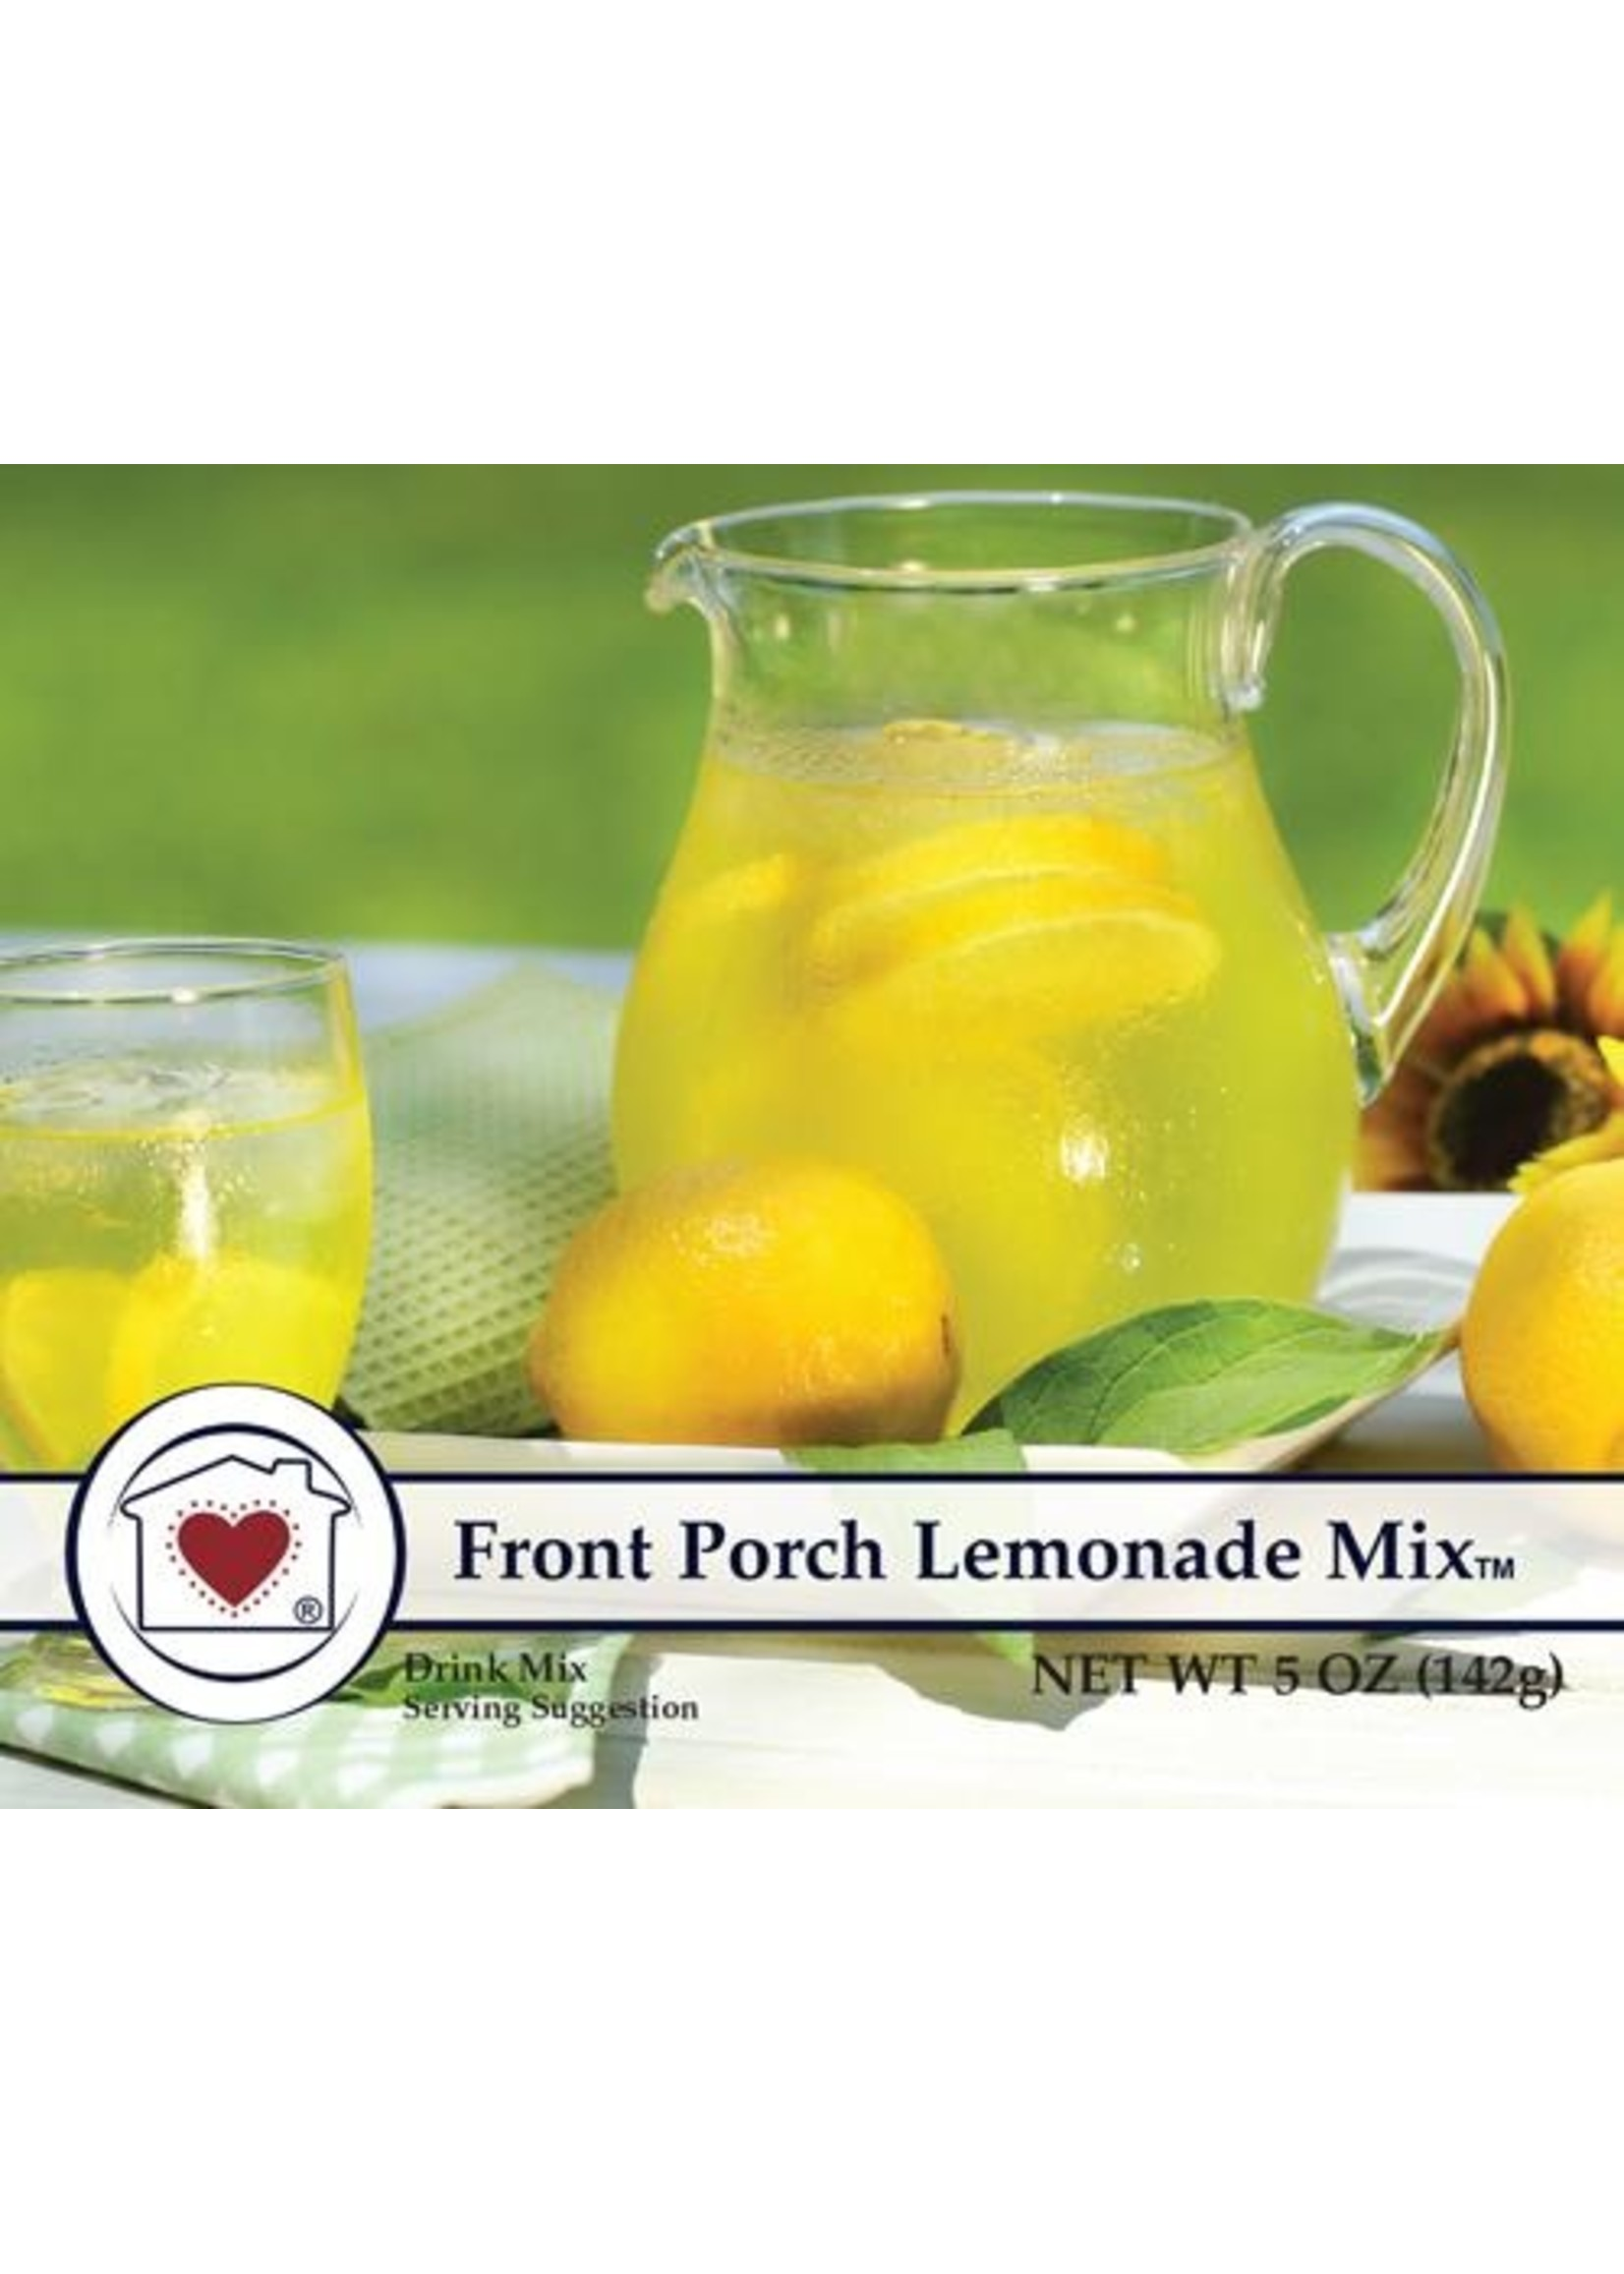 Front Porch Lemonade Mix